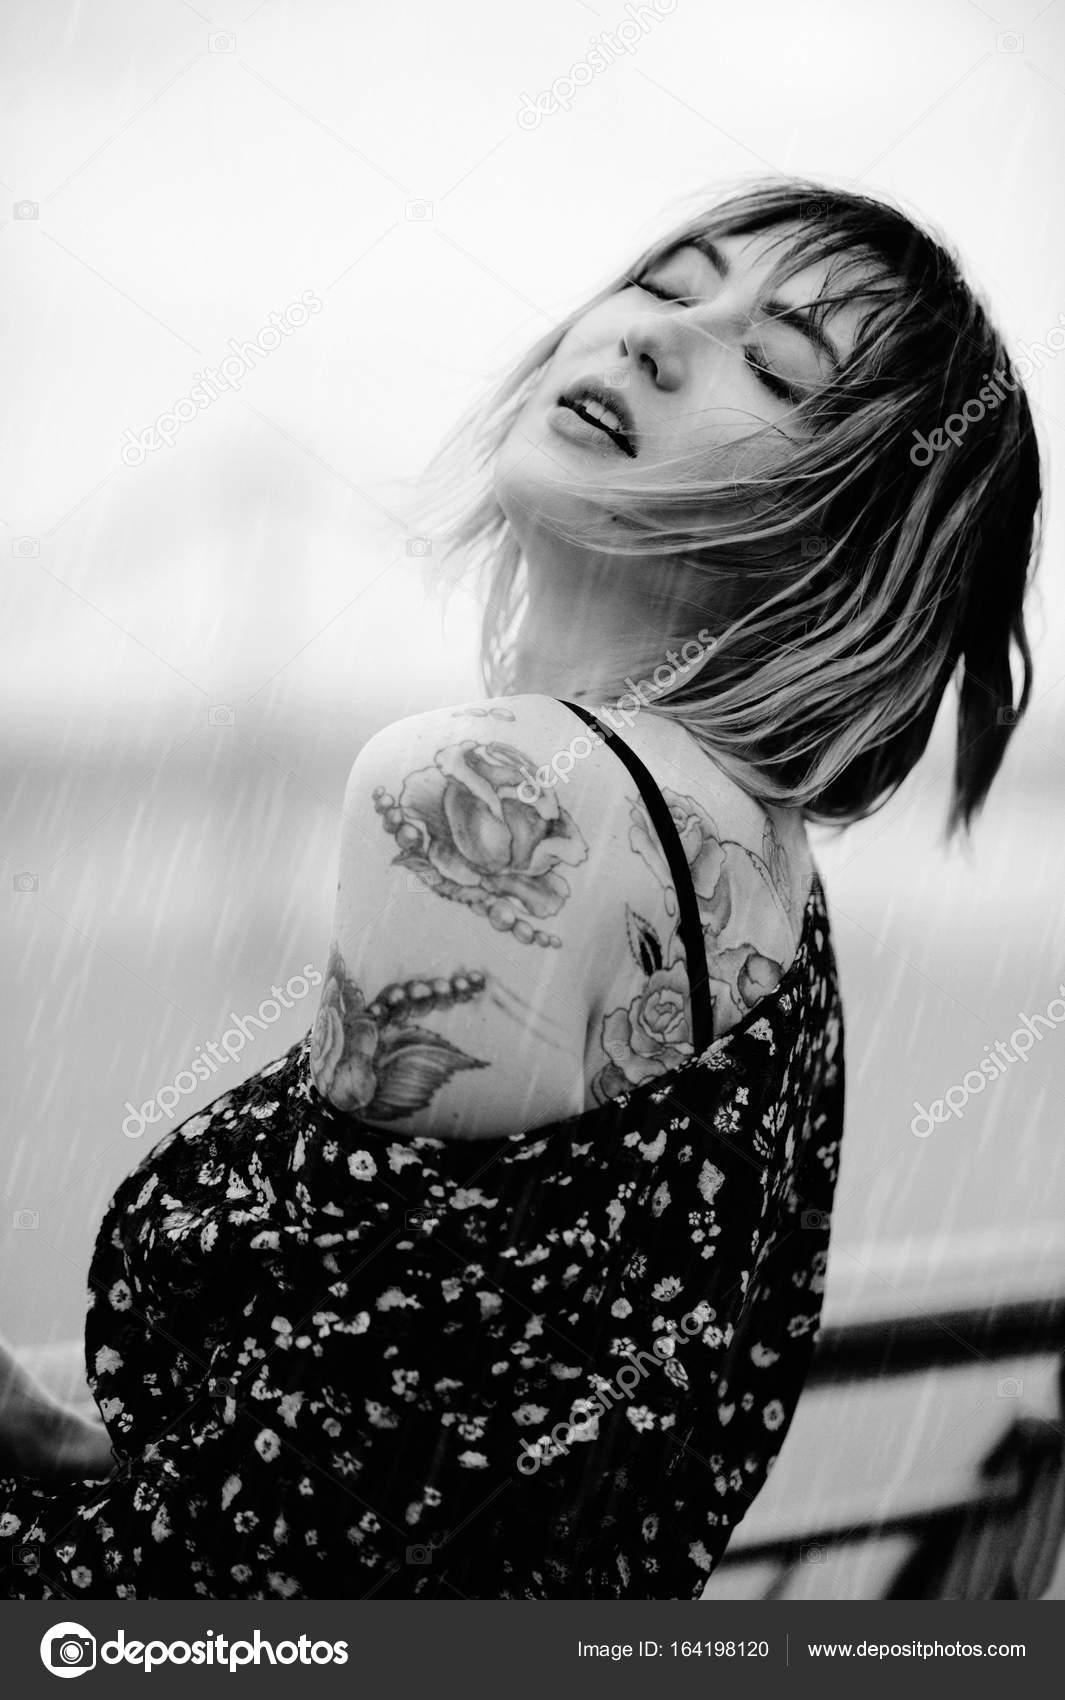 Piekna Mloda Kobieta W Deszczu Z Tatuaz Na Jej Rece Zmyslowy I